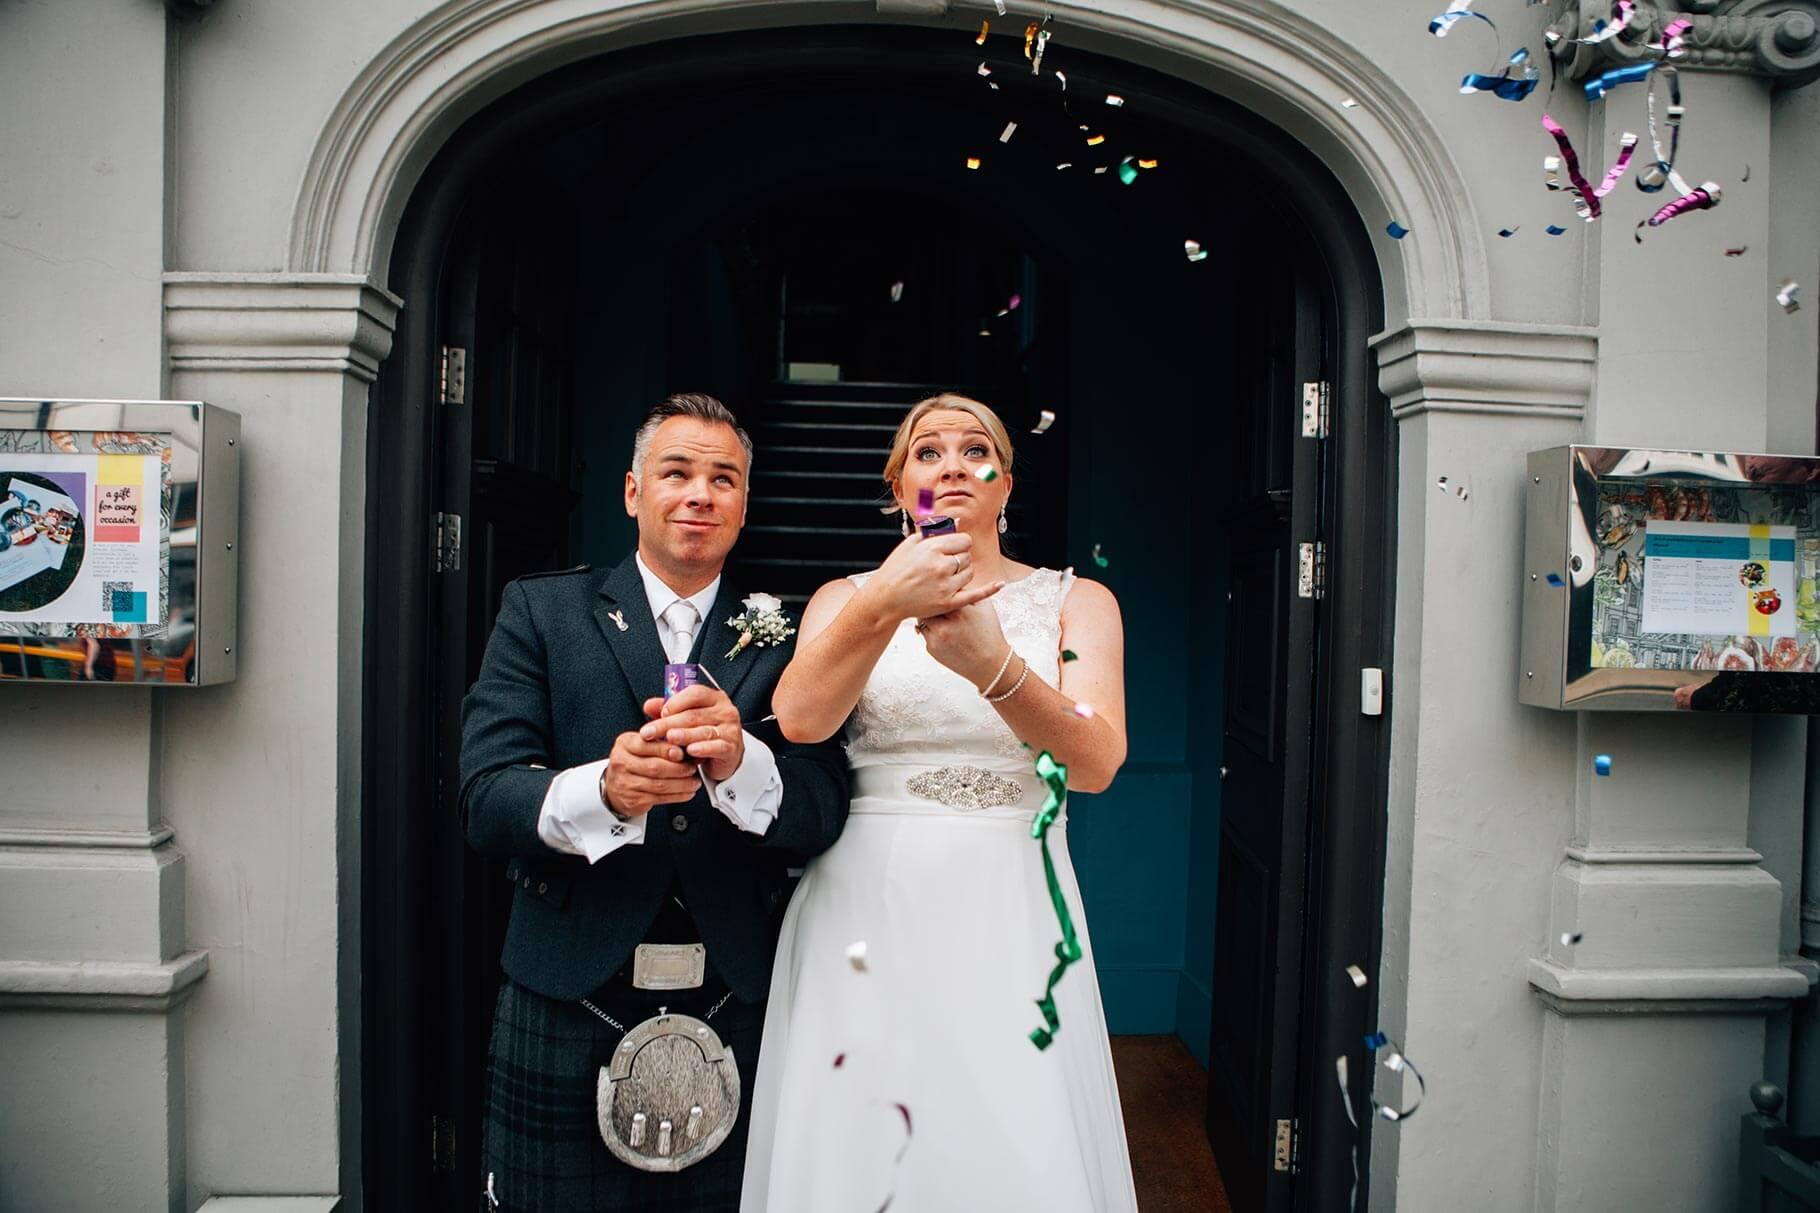 Fun confetti shooter photo of wedding couple